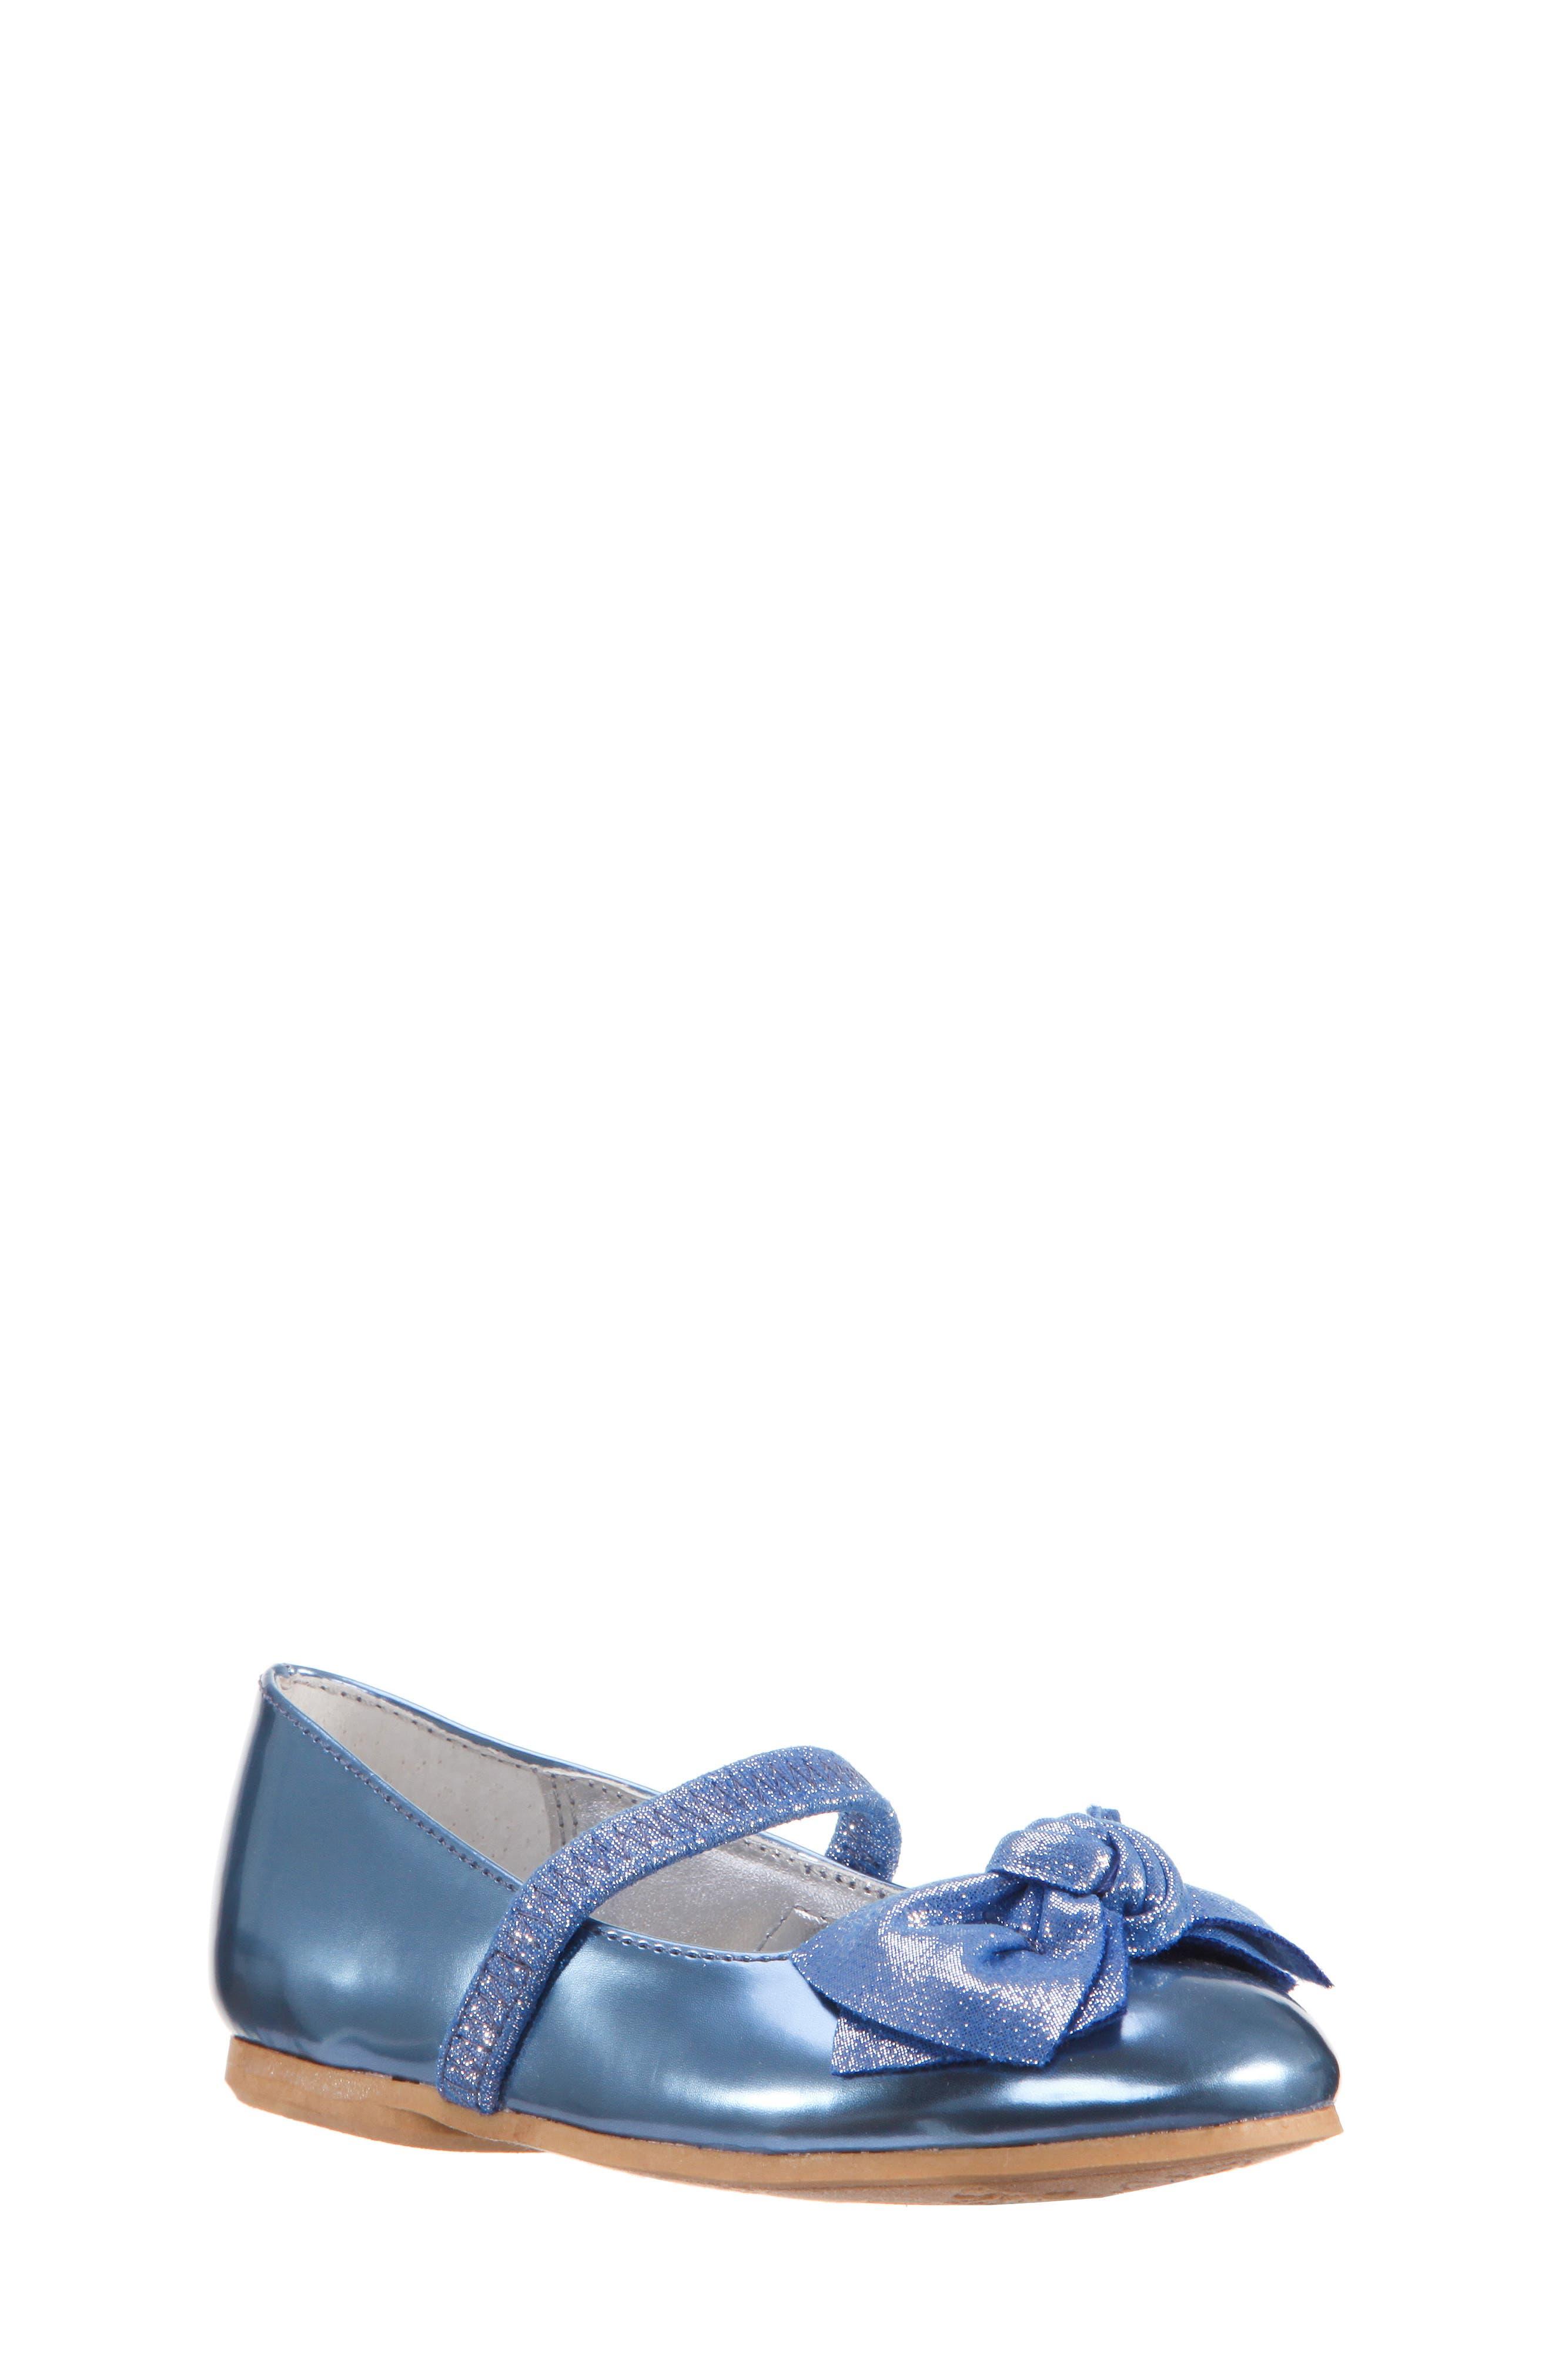 Kaytelyn-T Glitter Bow Ballet Flat,                             Main thumbnail 3, color,